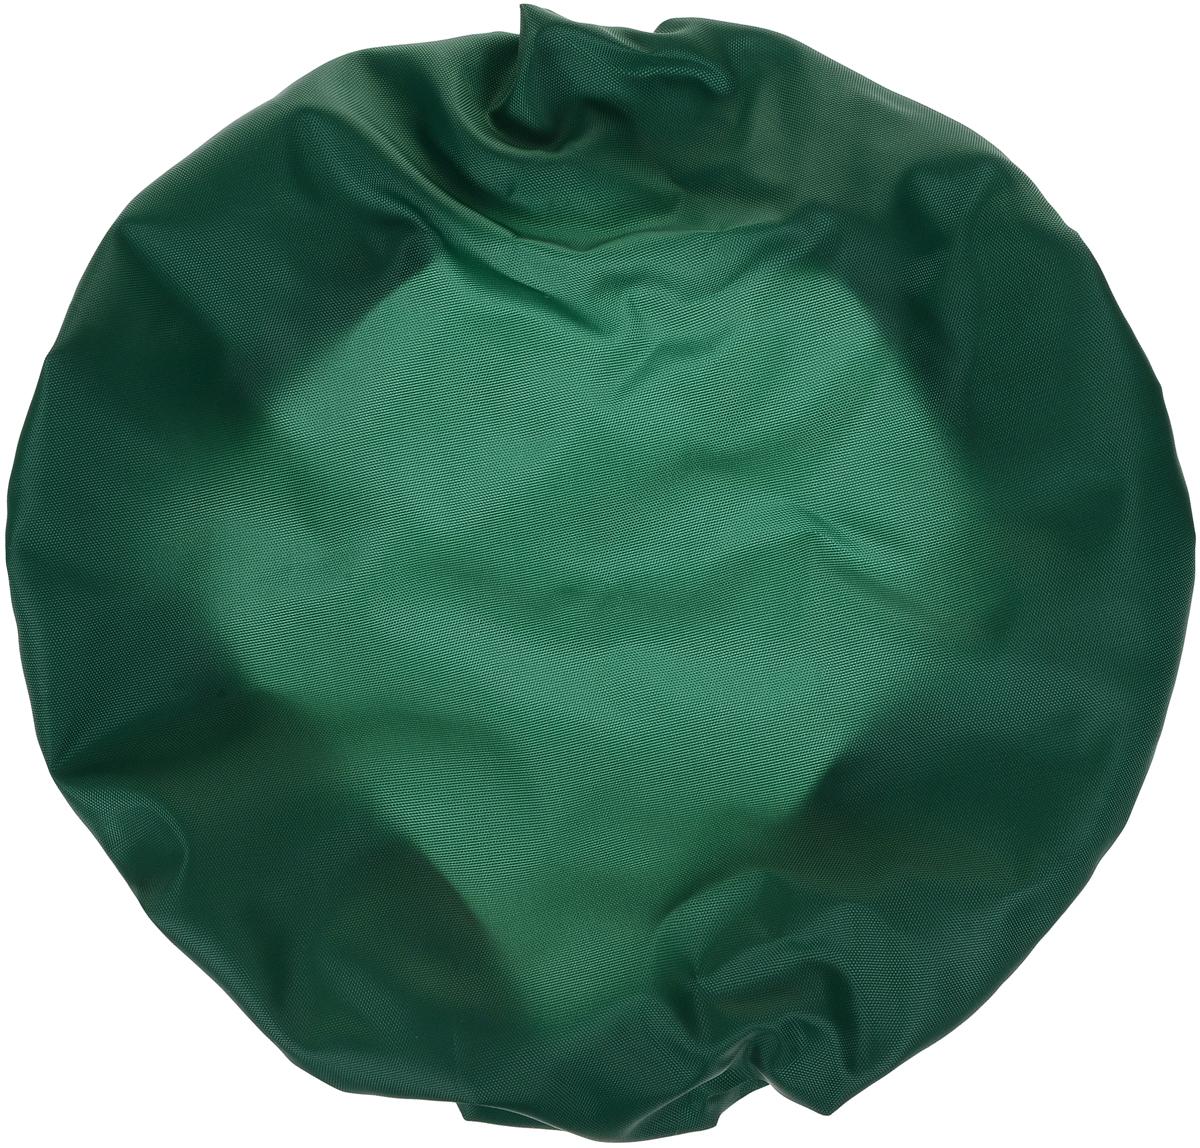 Чудо-Чадо Чехлы на колеса для коляски диаметр 18-28 см цвет зеленый 4 шт -  Коляски и аксессуары